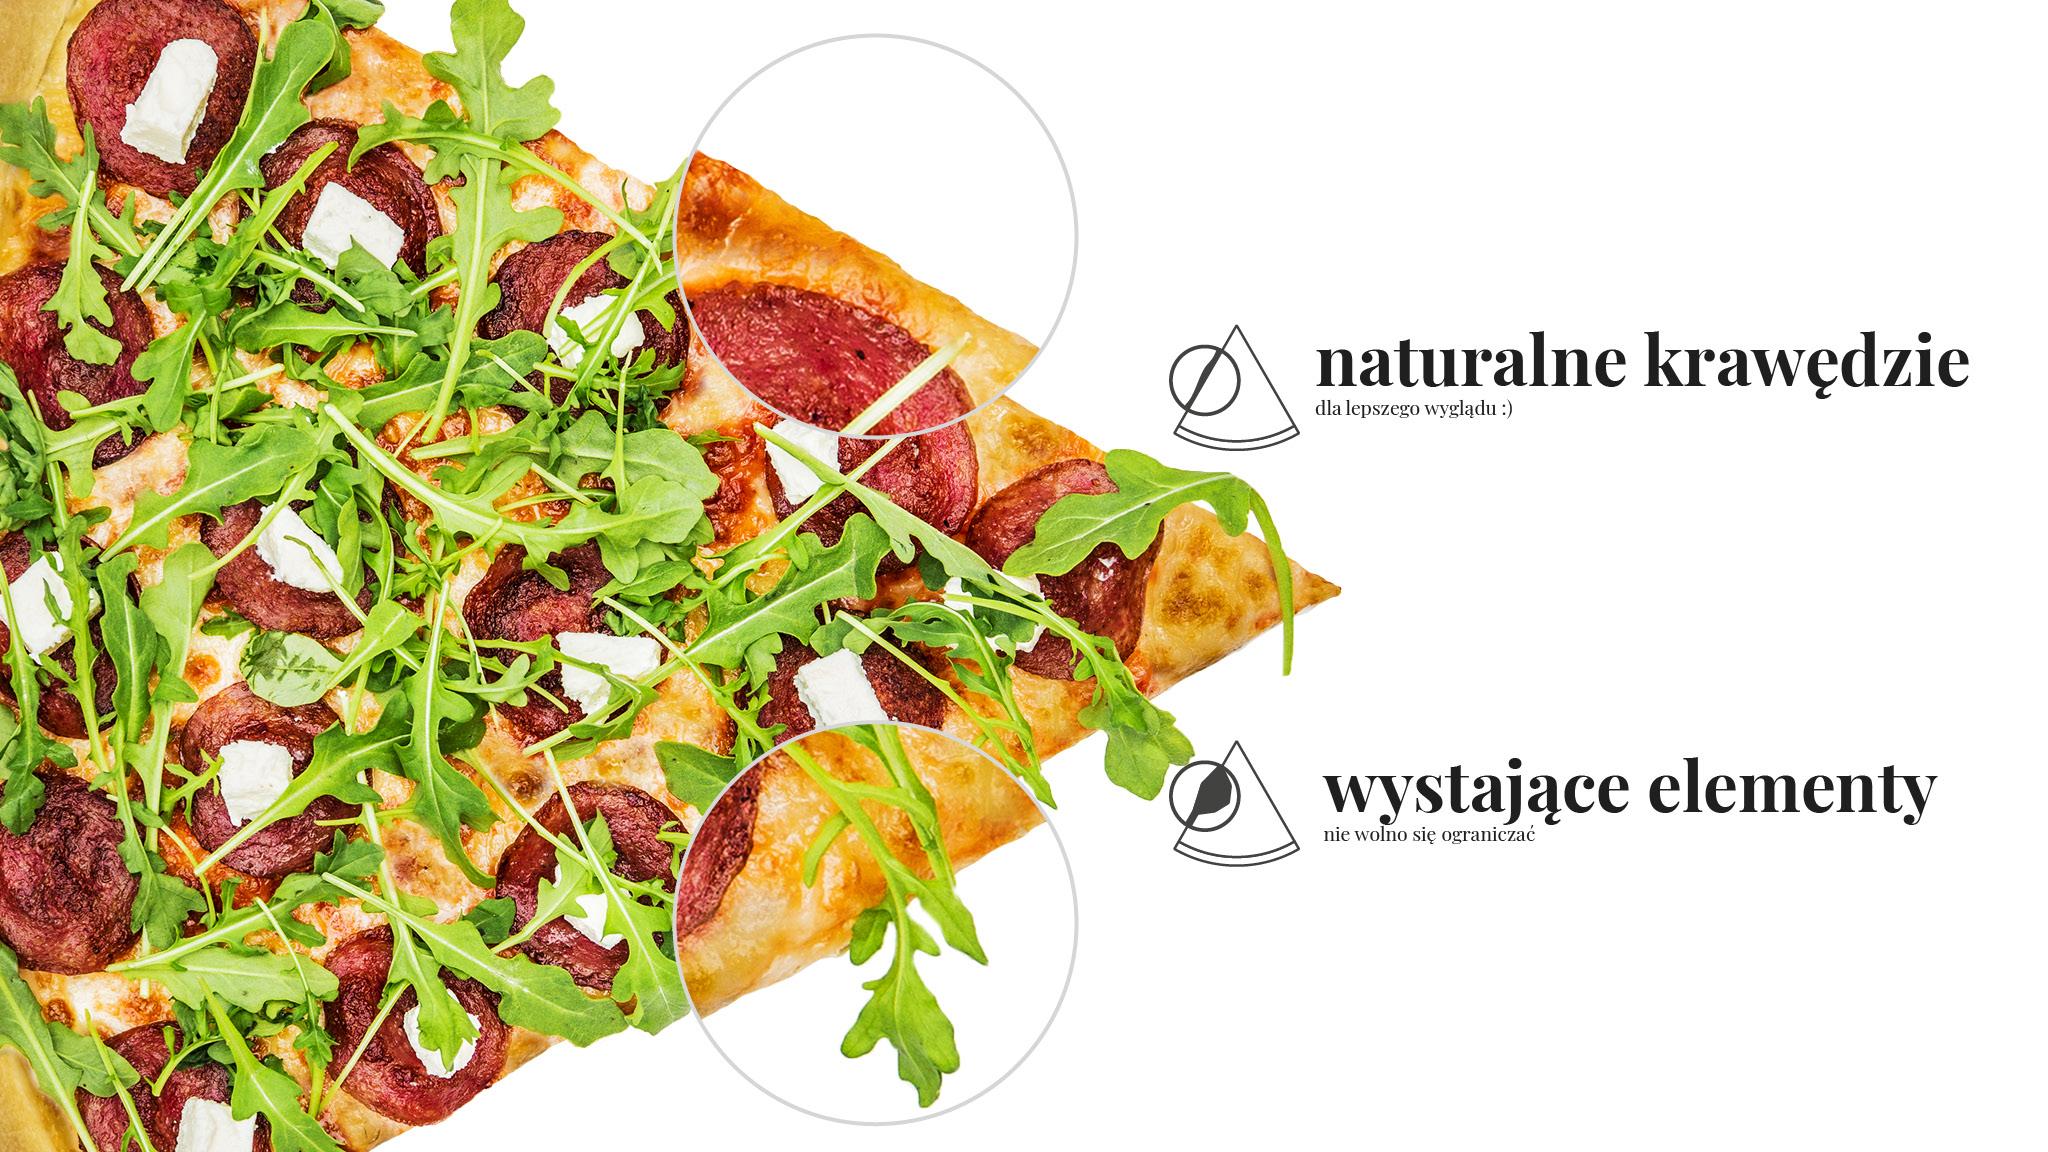 Pizza 60 freebee system – naturalne krawędzie dla lepszego wyglądu :) – wystające elementy nie wolno się ograniczać